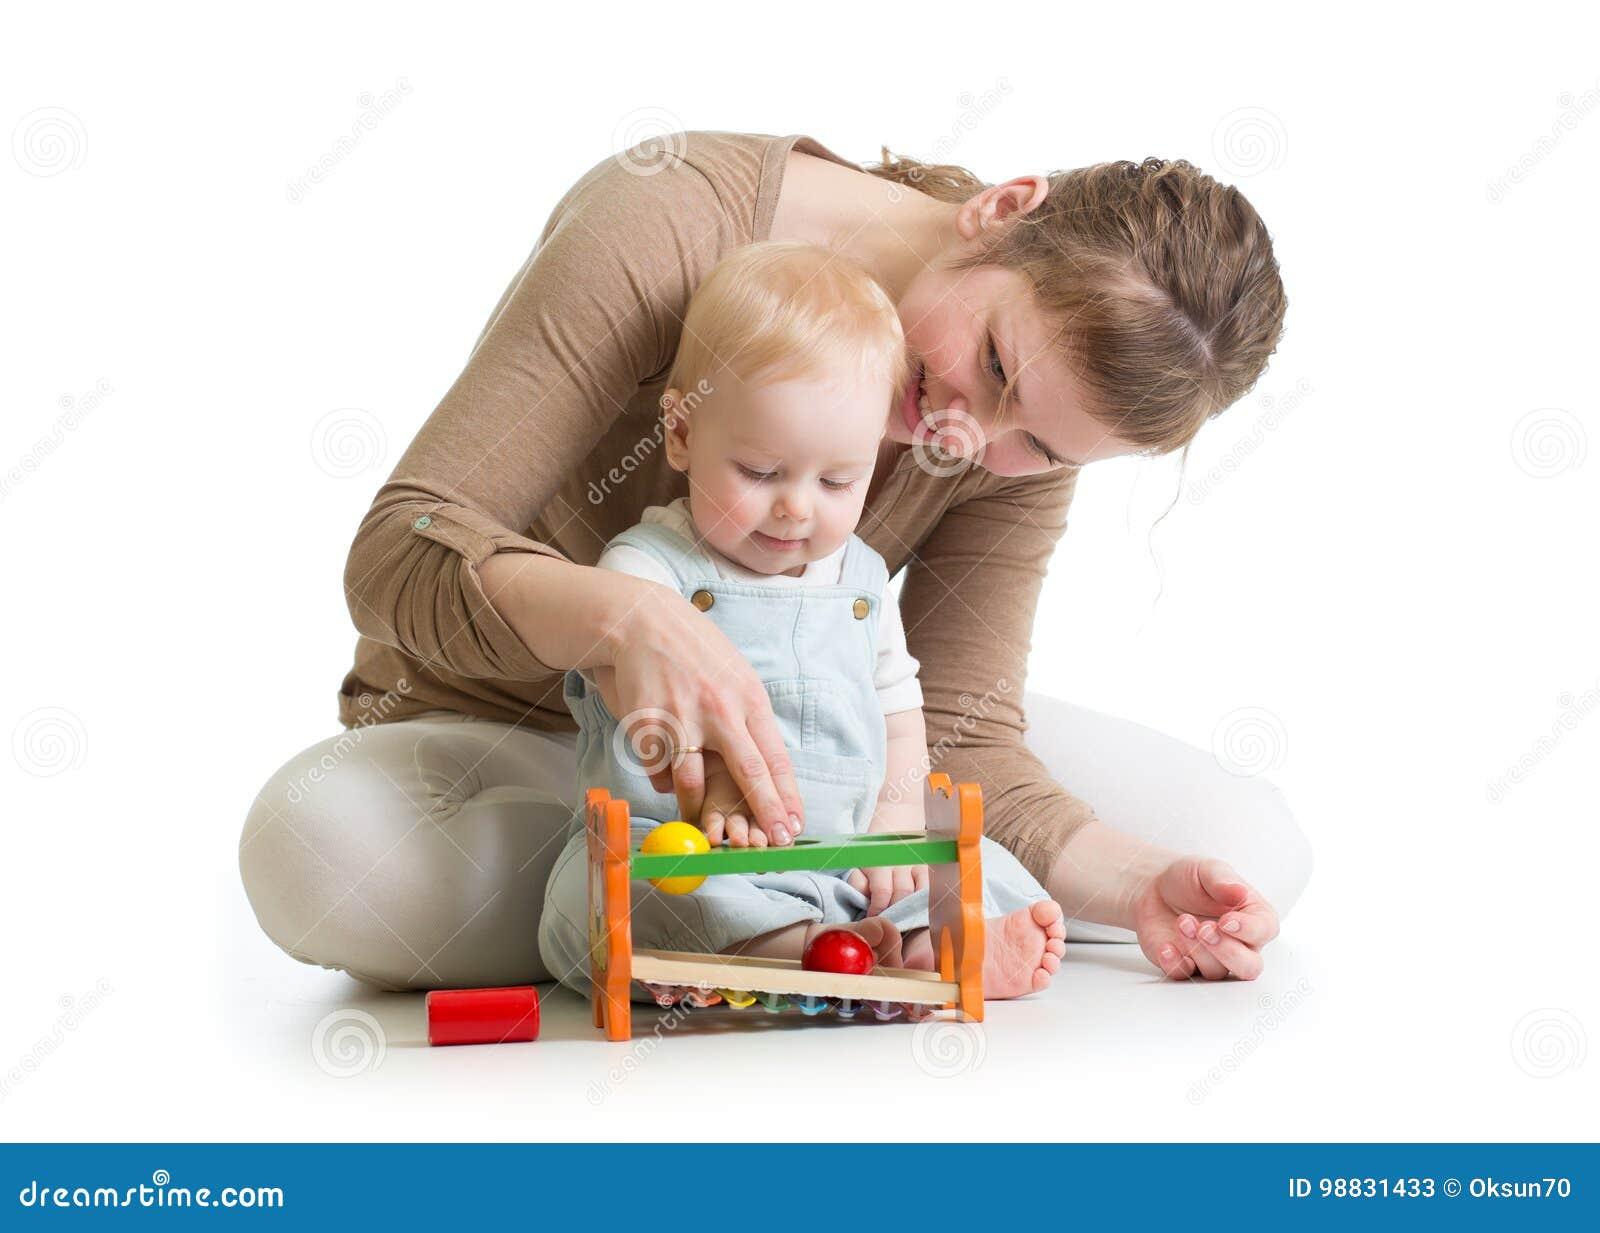 che madre al giocattolo e insieme Bambino giocano logico HE9D2I